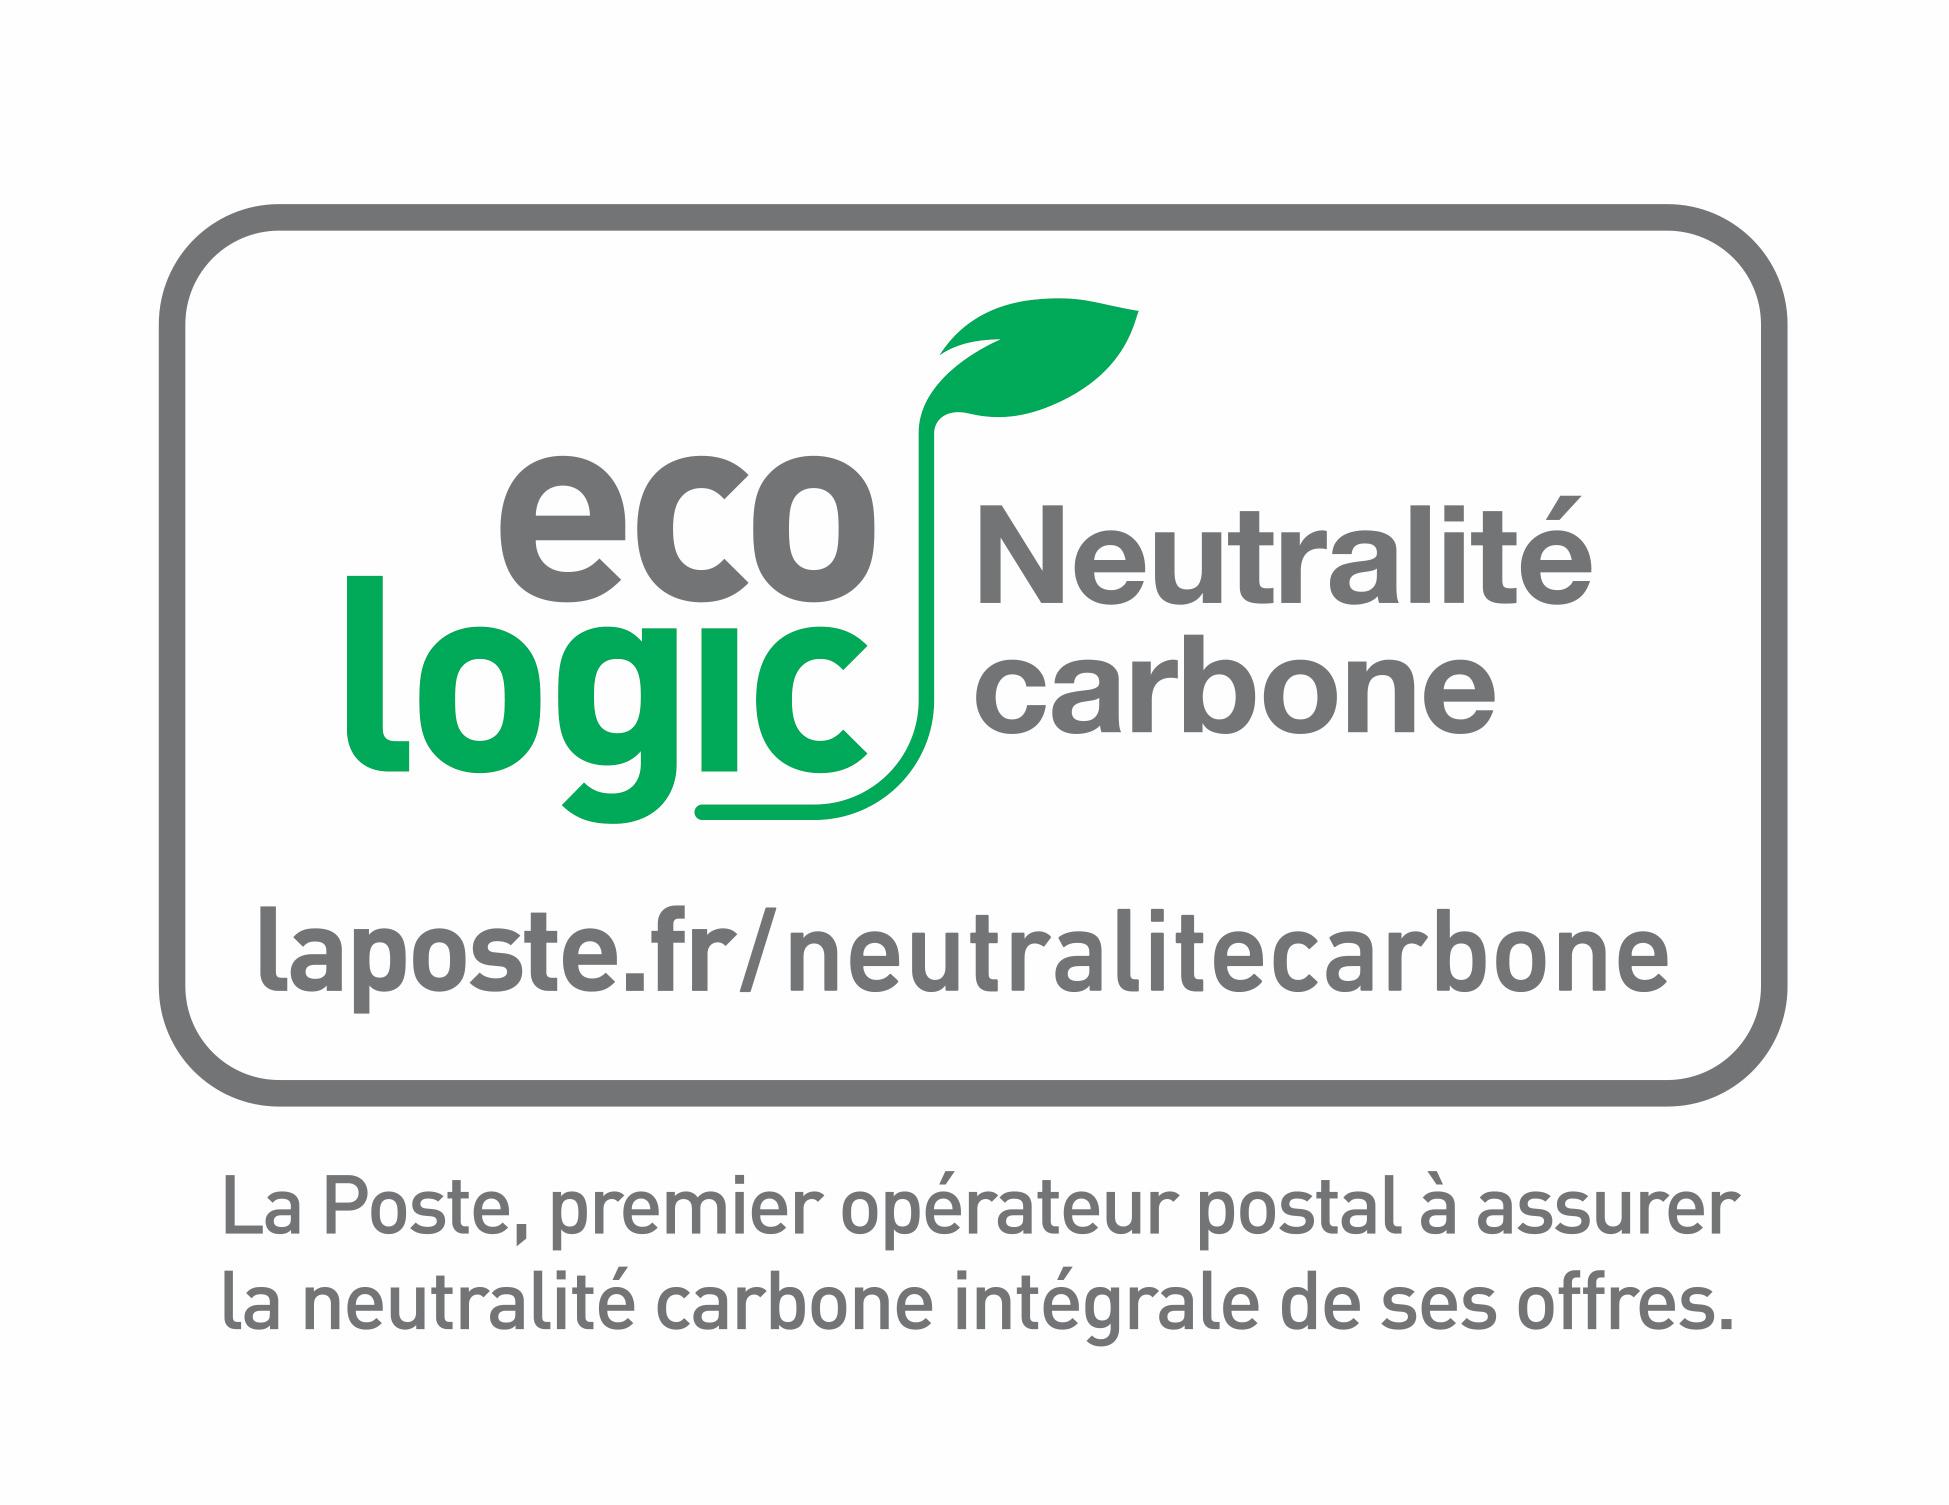 EcoLogic-Neutralite_Carbone-Client_QUADRI